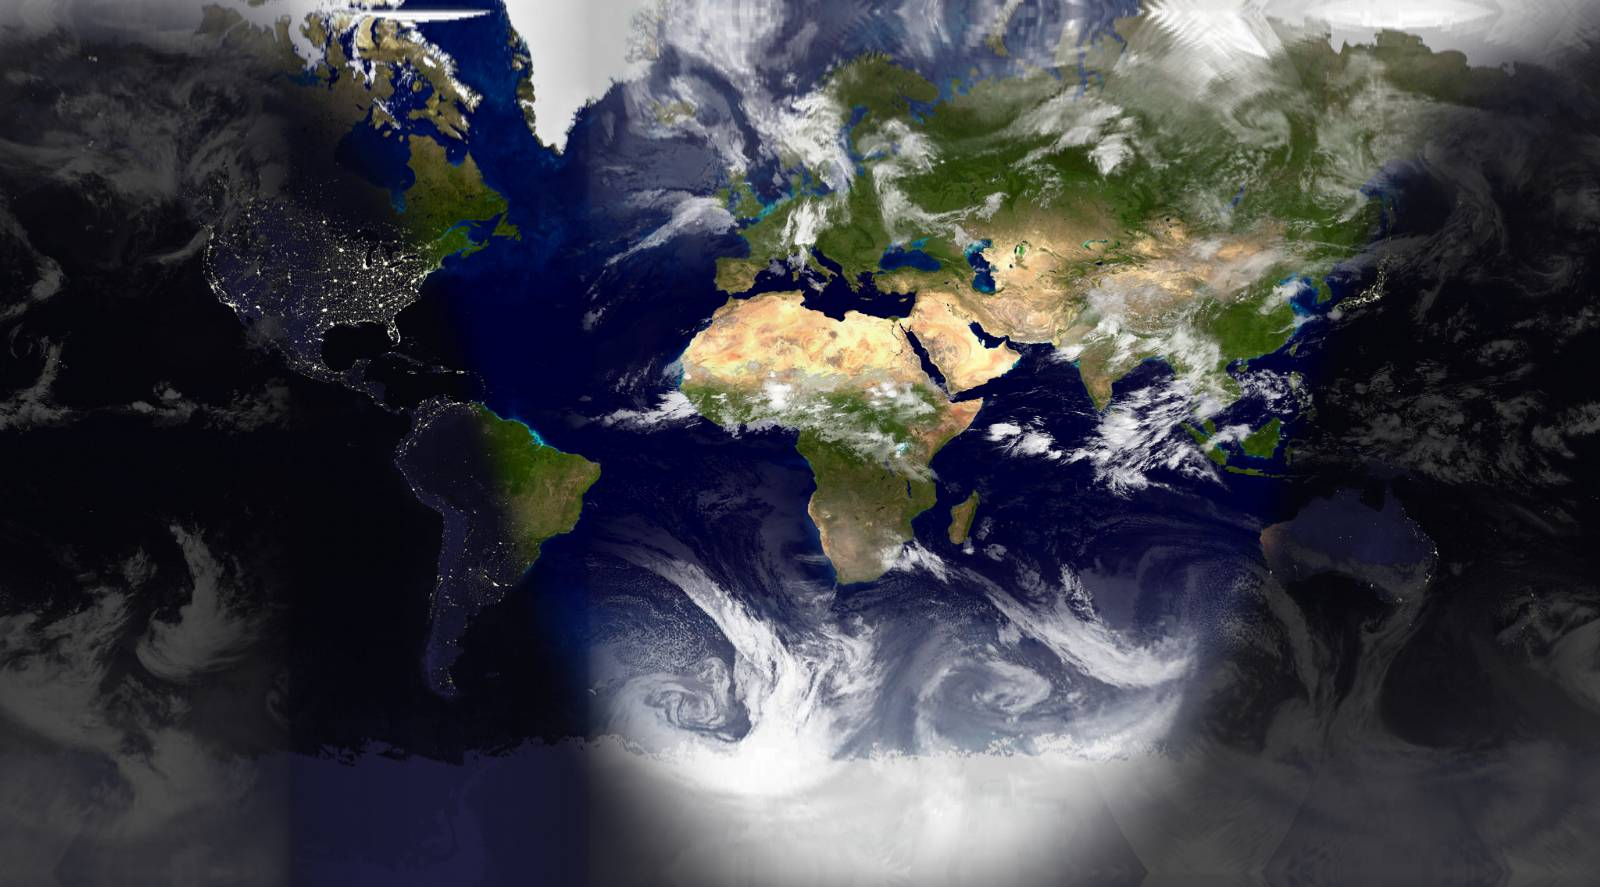 上一全球卫星云图,寻找台风!-尤特台风卫星图图片大全 台风尤特的图片